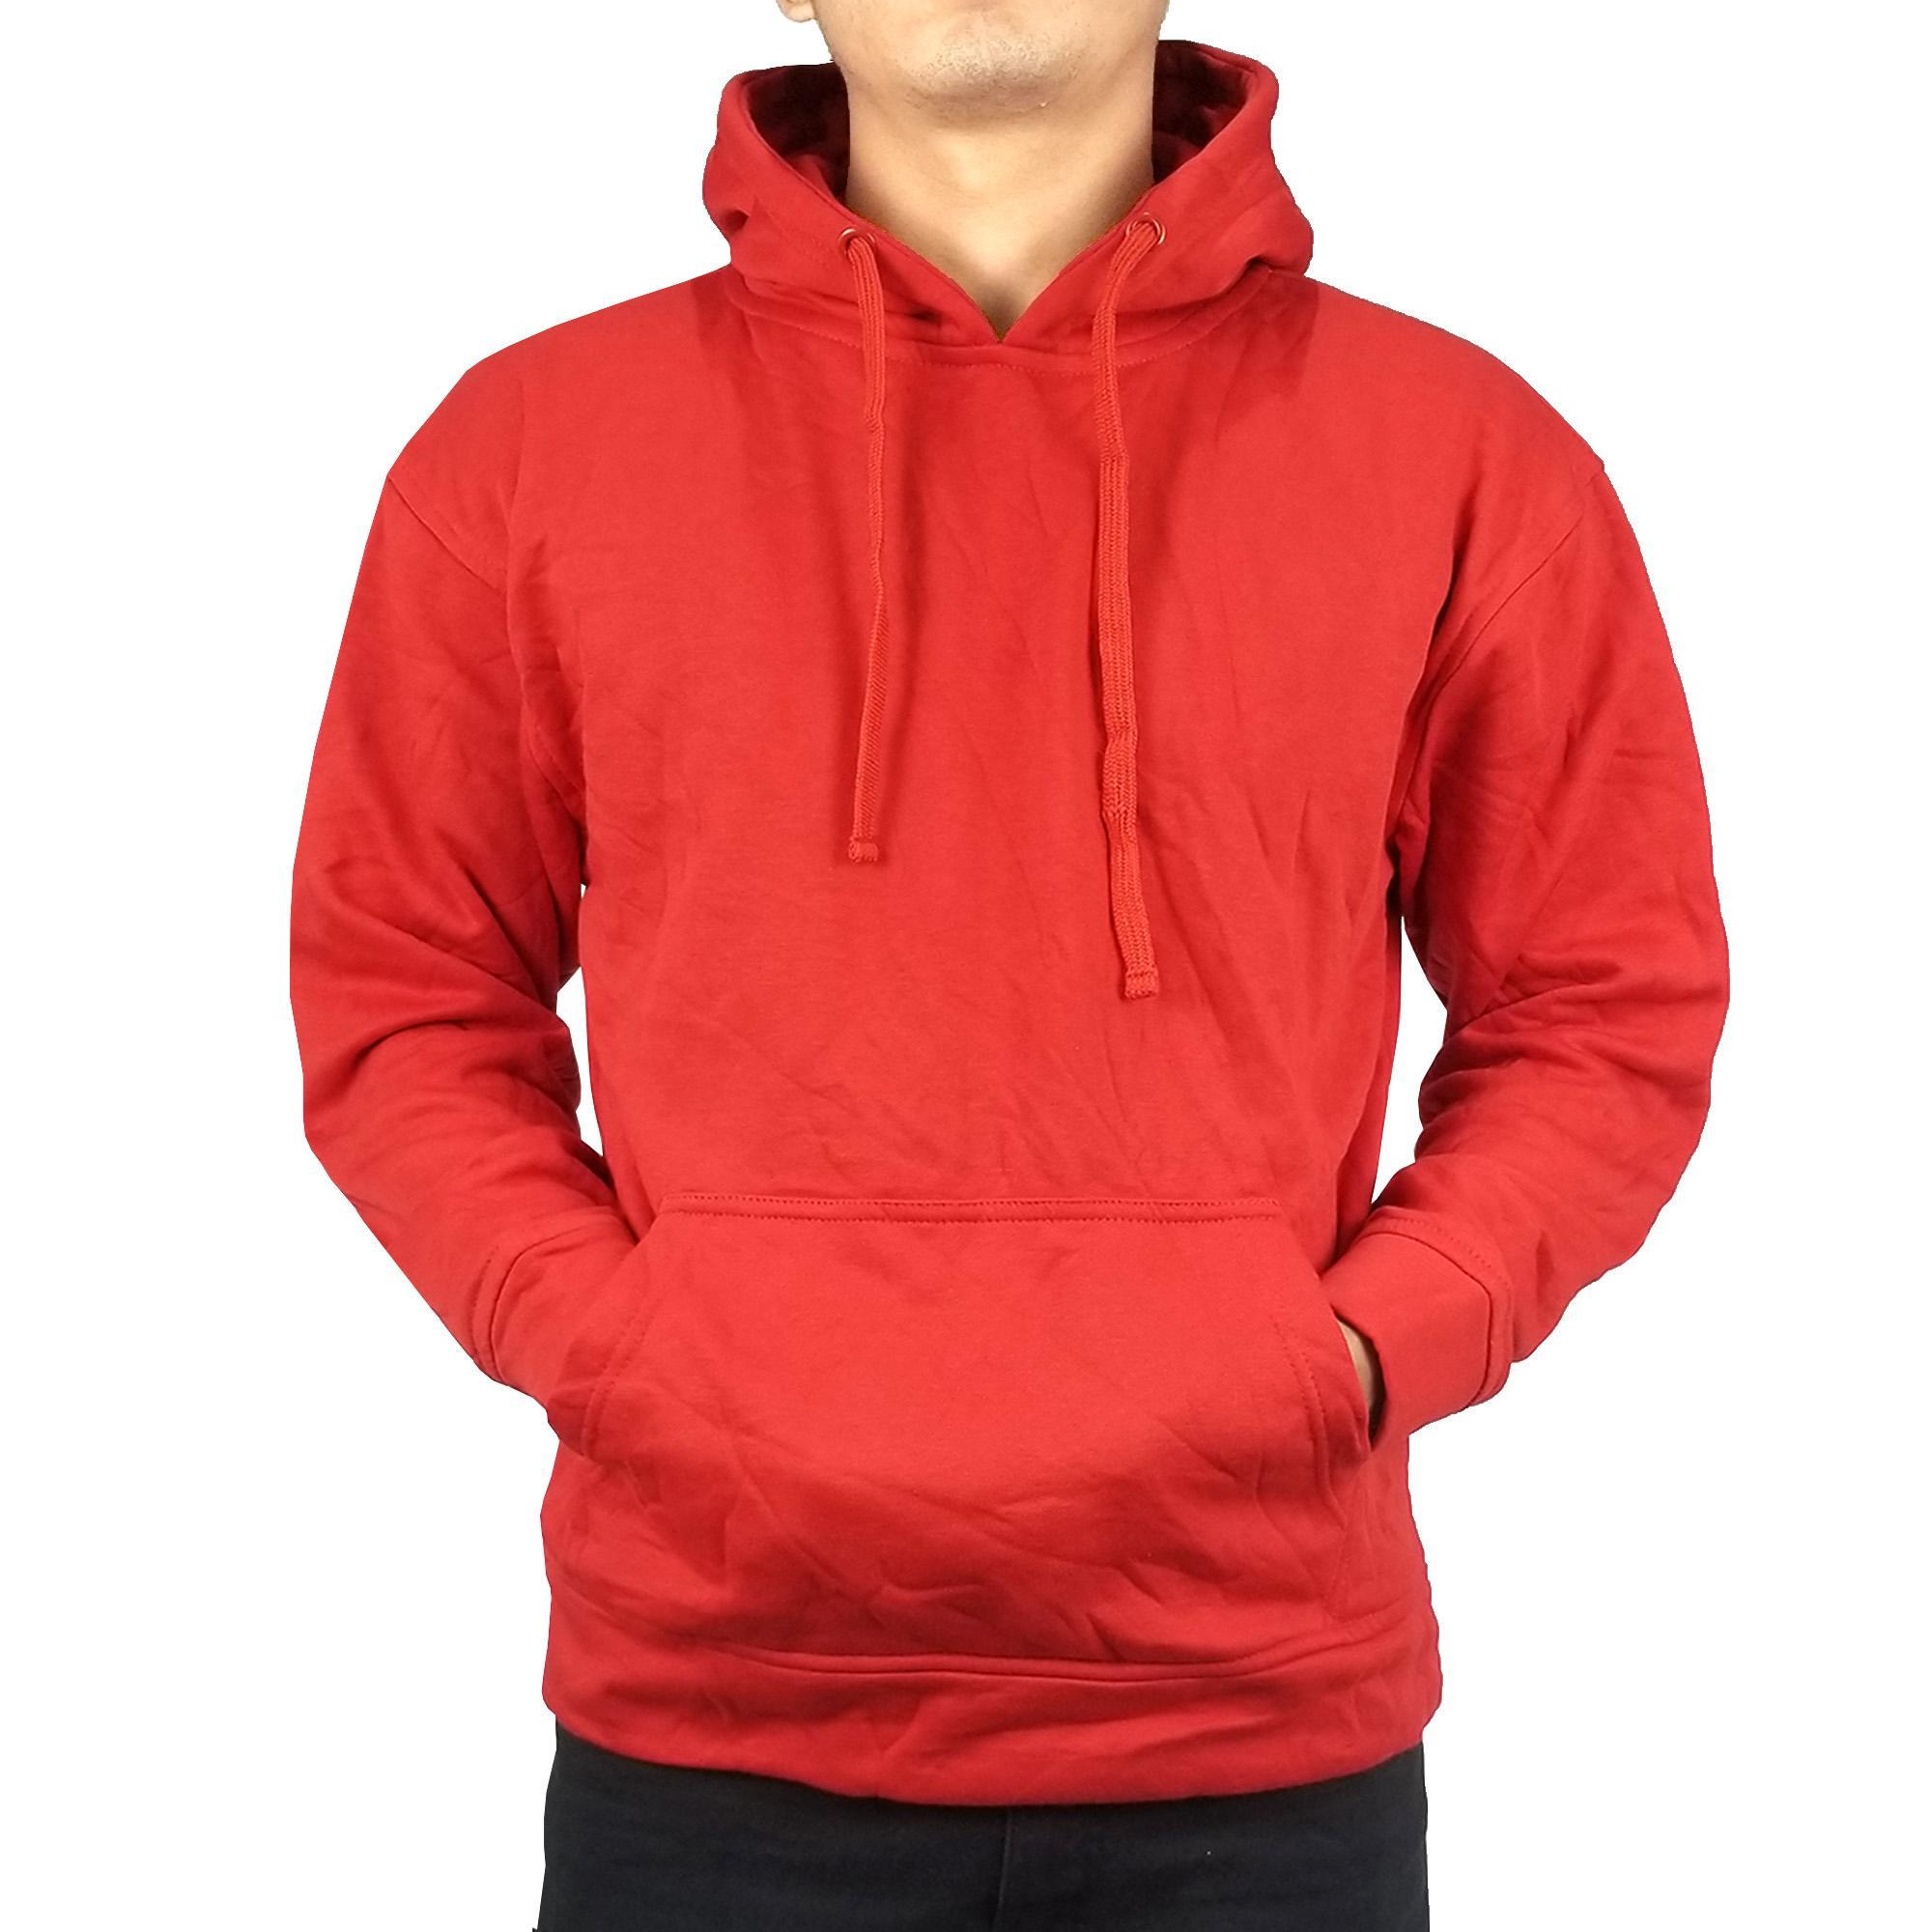 Men s Hoodies Price in Nepal - Buy Men s Sweatshirts Online - Daraz ... f4e146680768